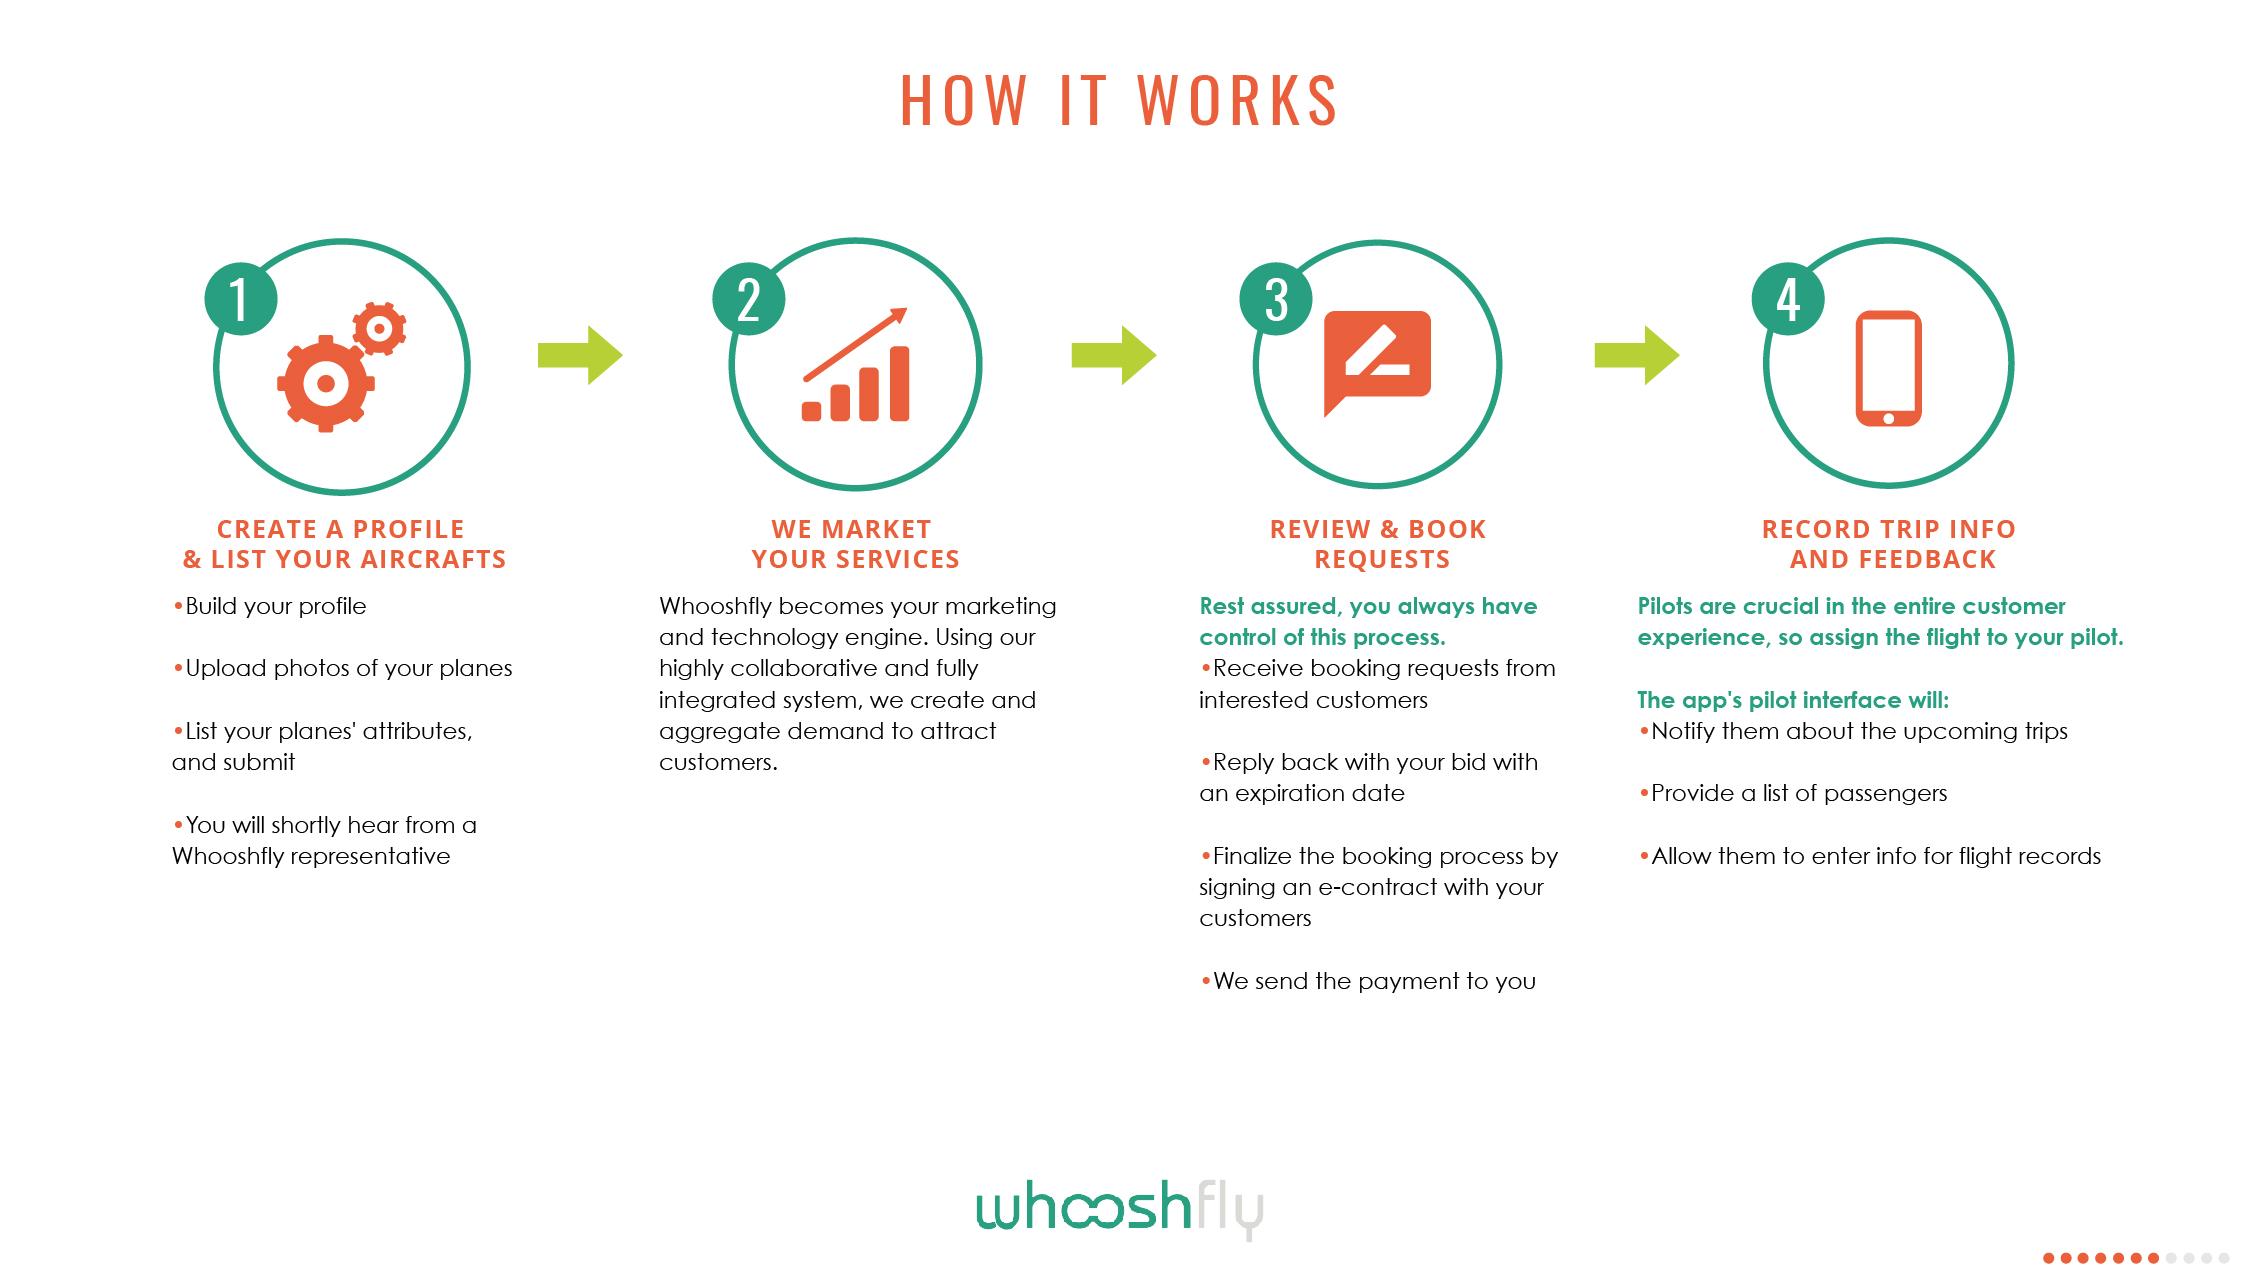 Whoosh-EBrochure_How it works 1.jpg